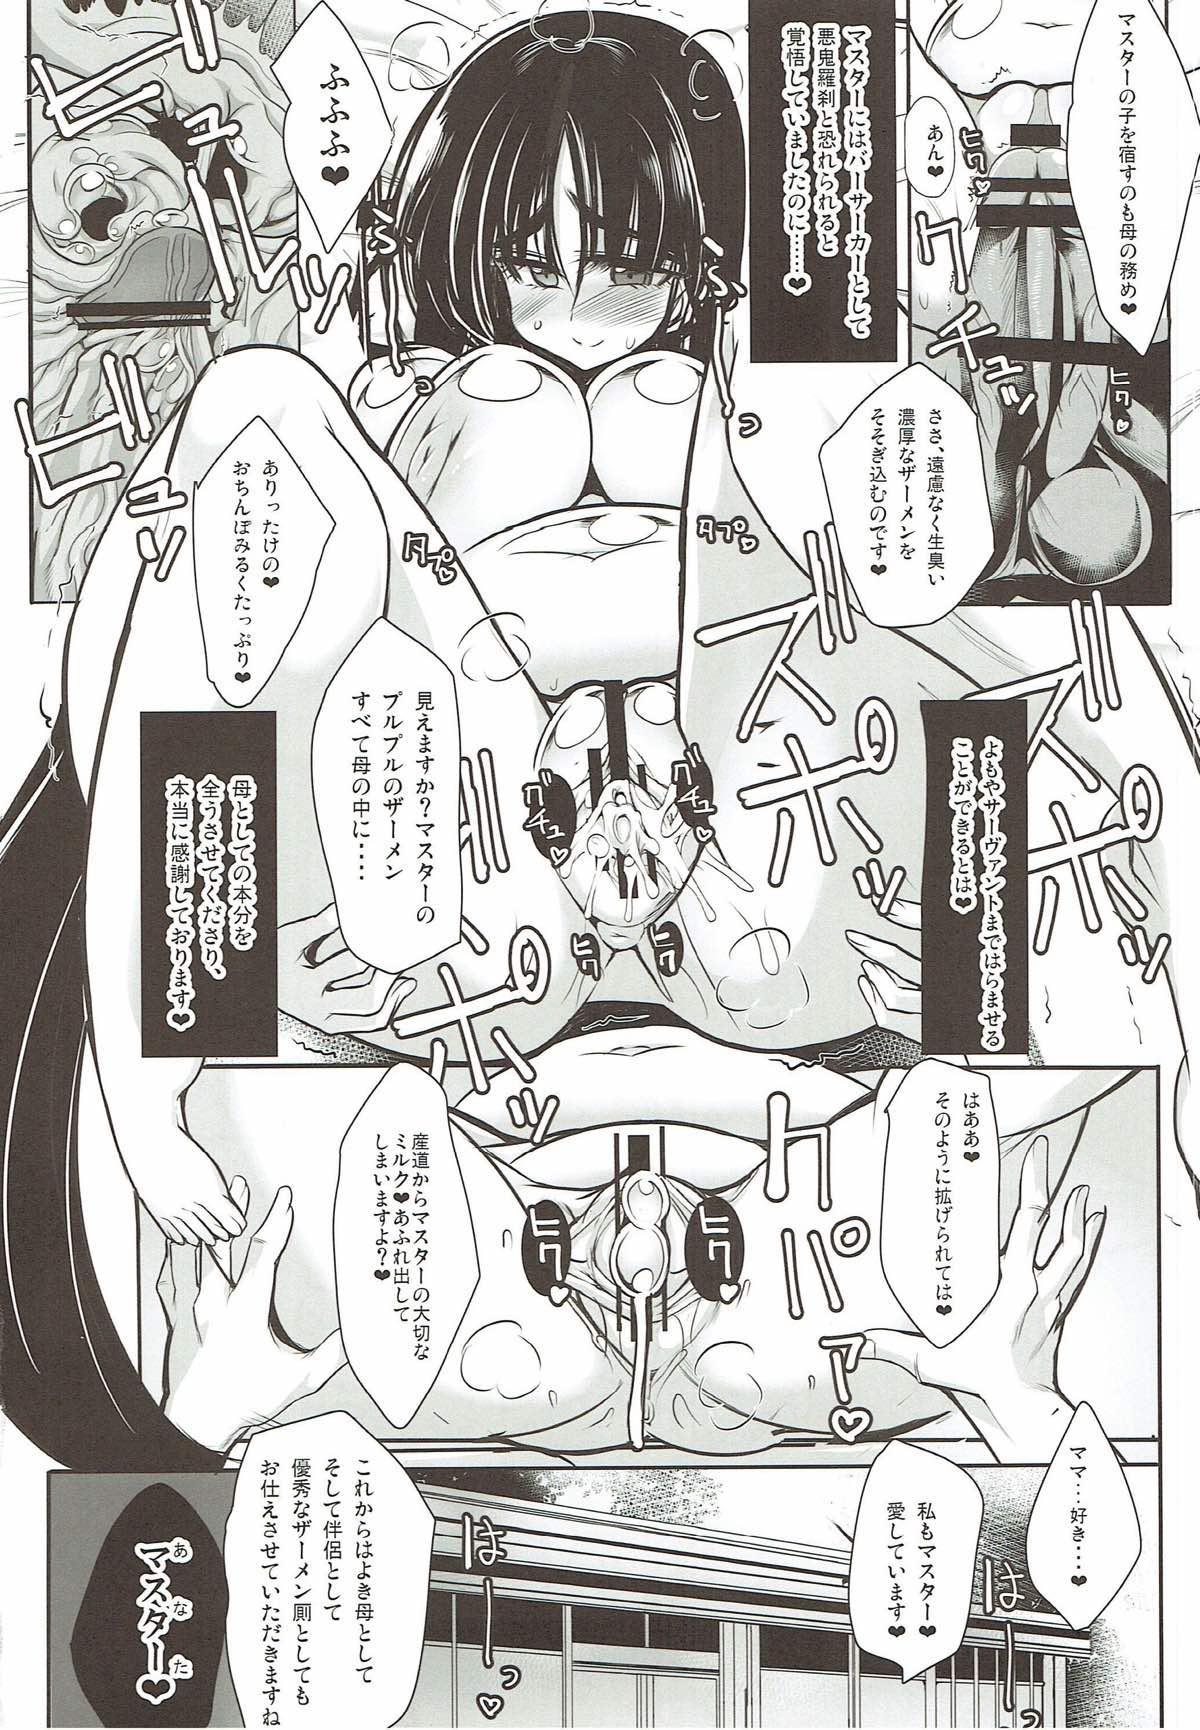 Minamoto no Raikou OPEN YOUR MAMAZONZ 15